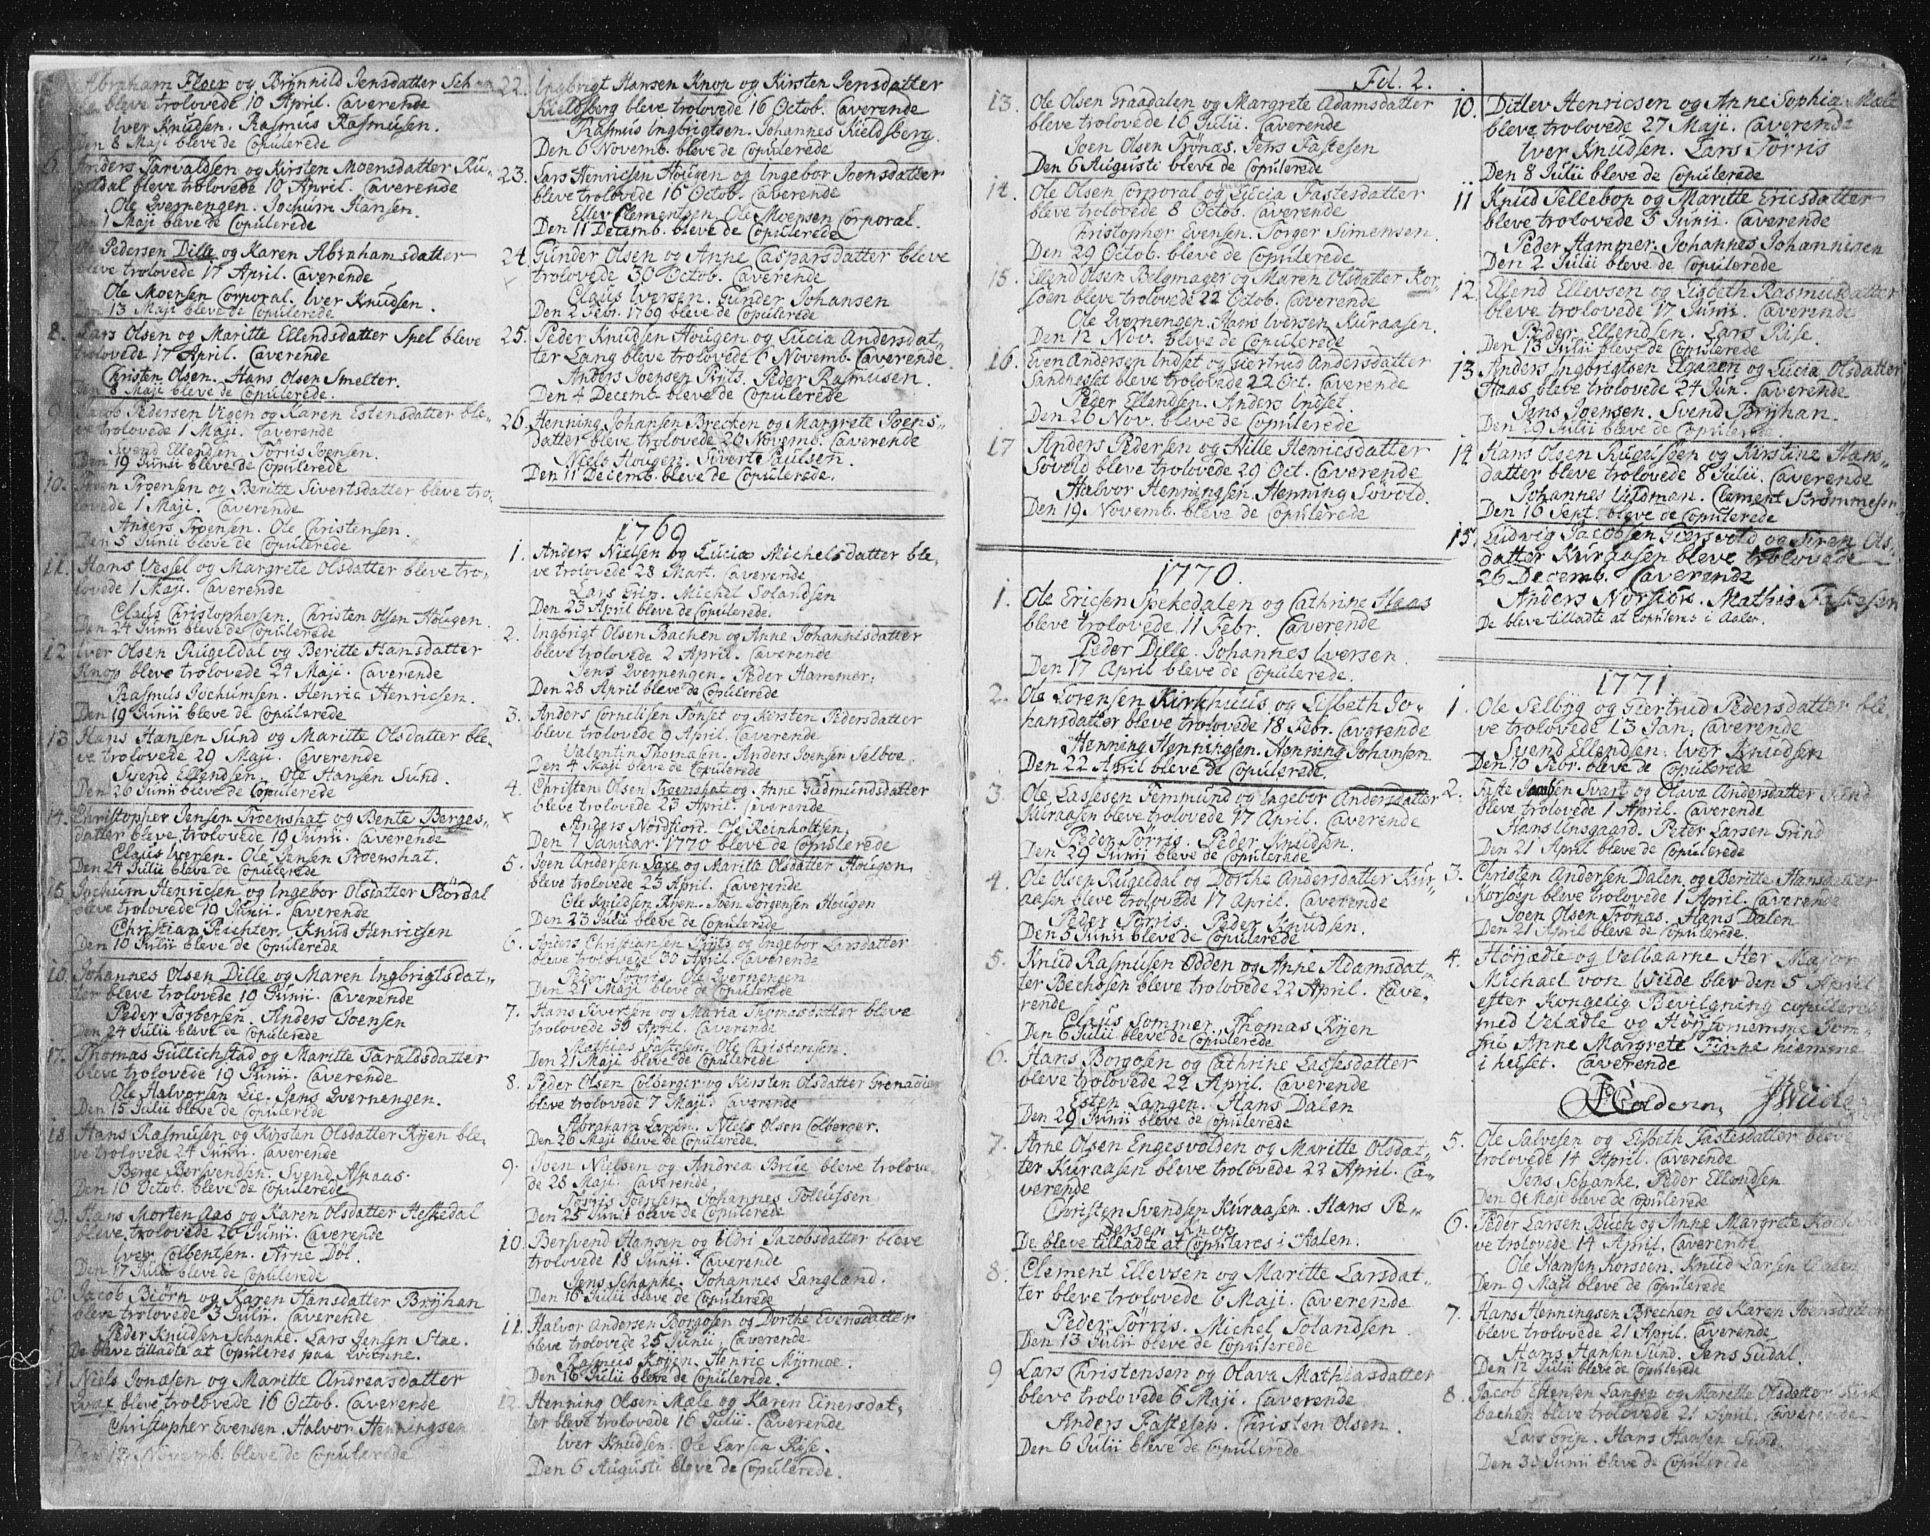 SAT, Ministerialprotokoller, klokkerbøker og fødselsregistre - Sør-Trøndelag, 681/L0926: Ministerialbok nr. 681A04, 1767-1797, s. 2